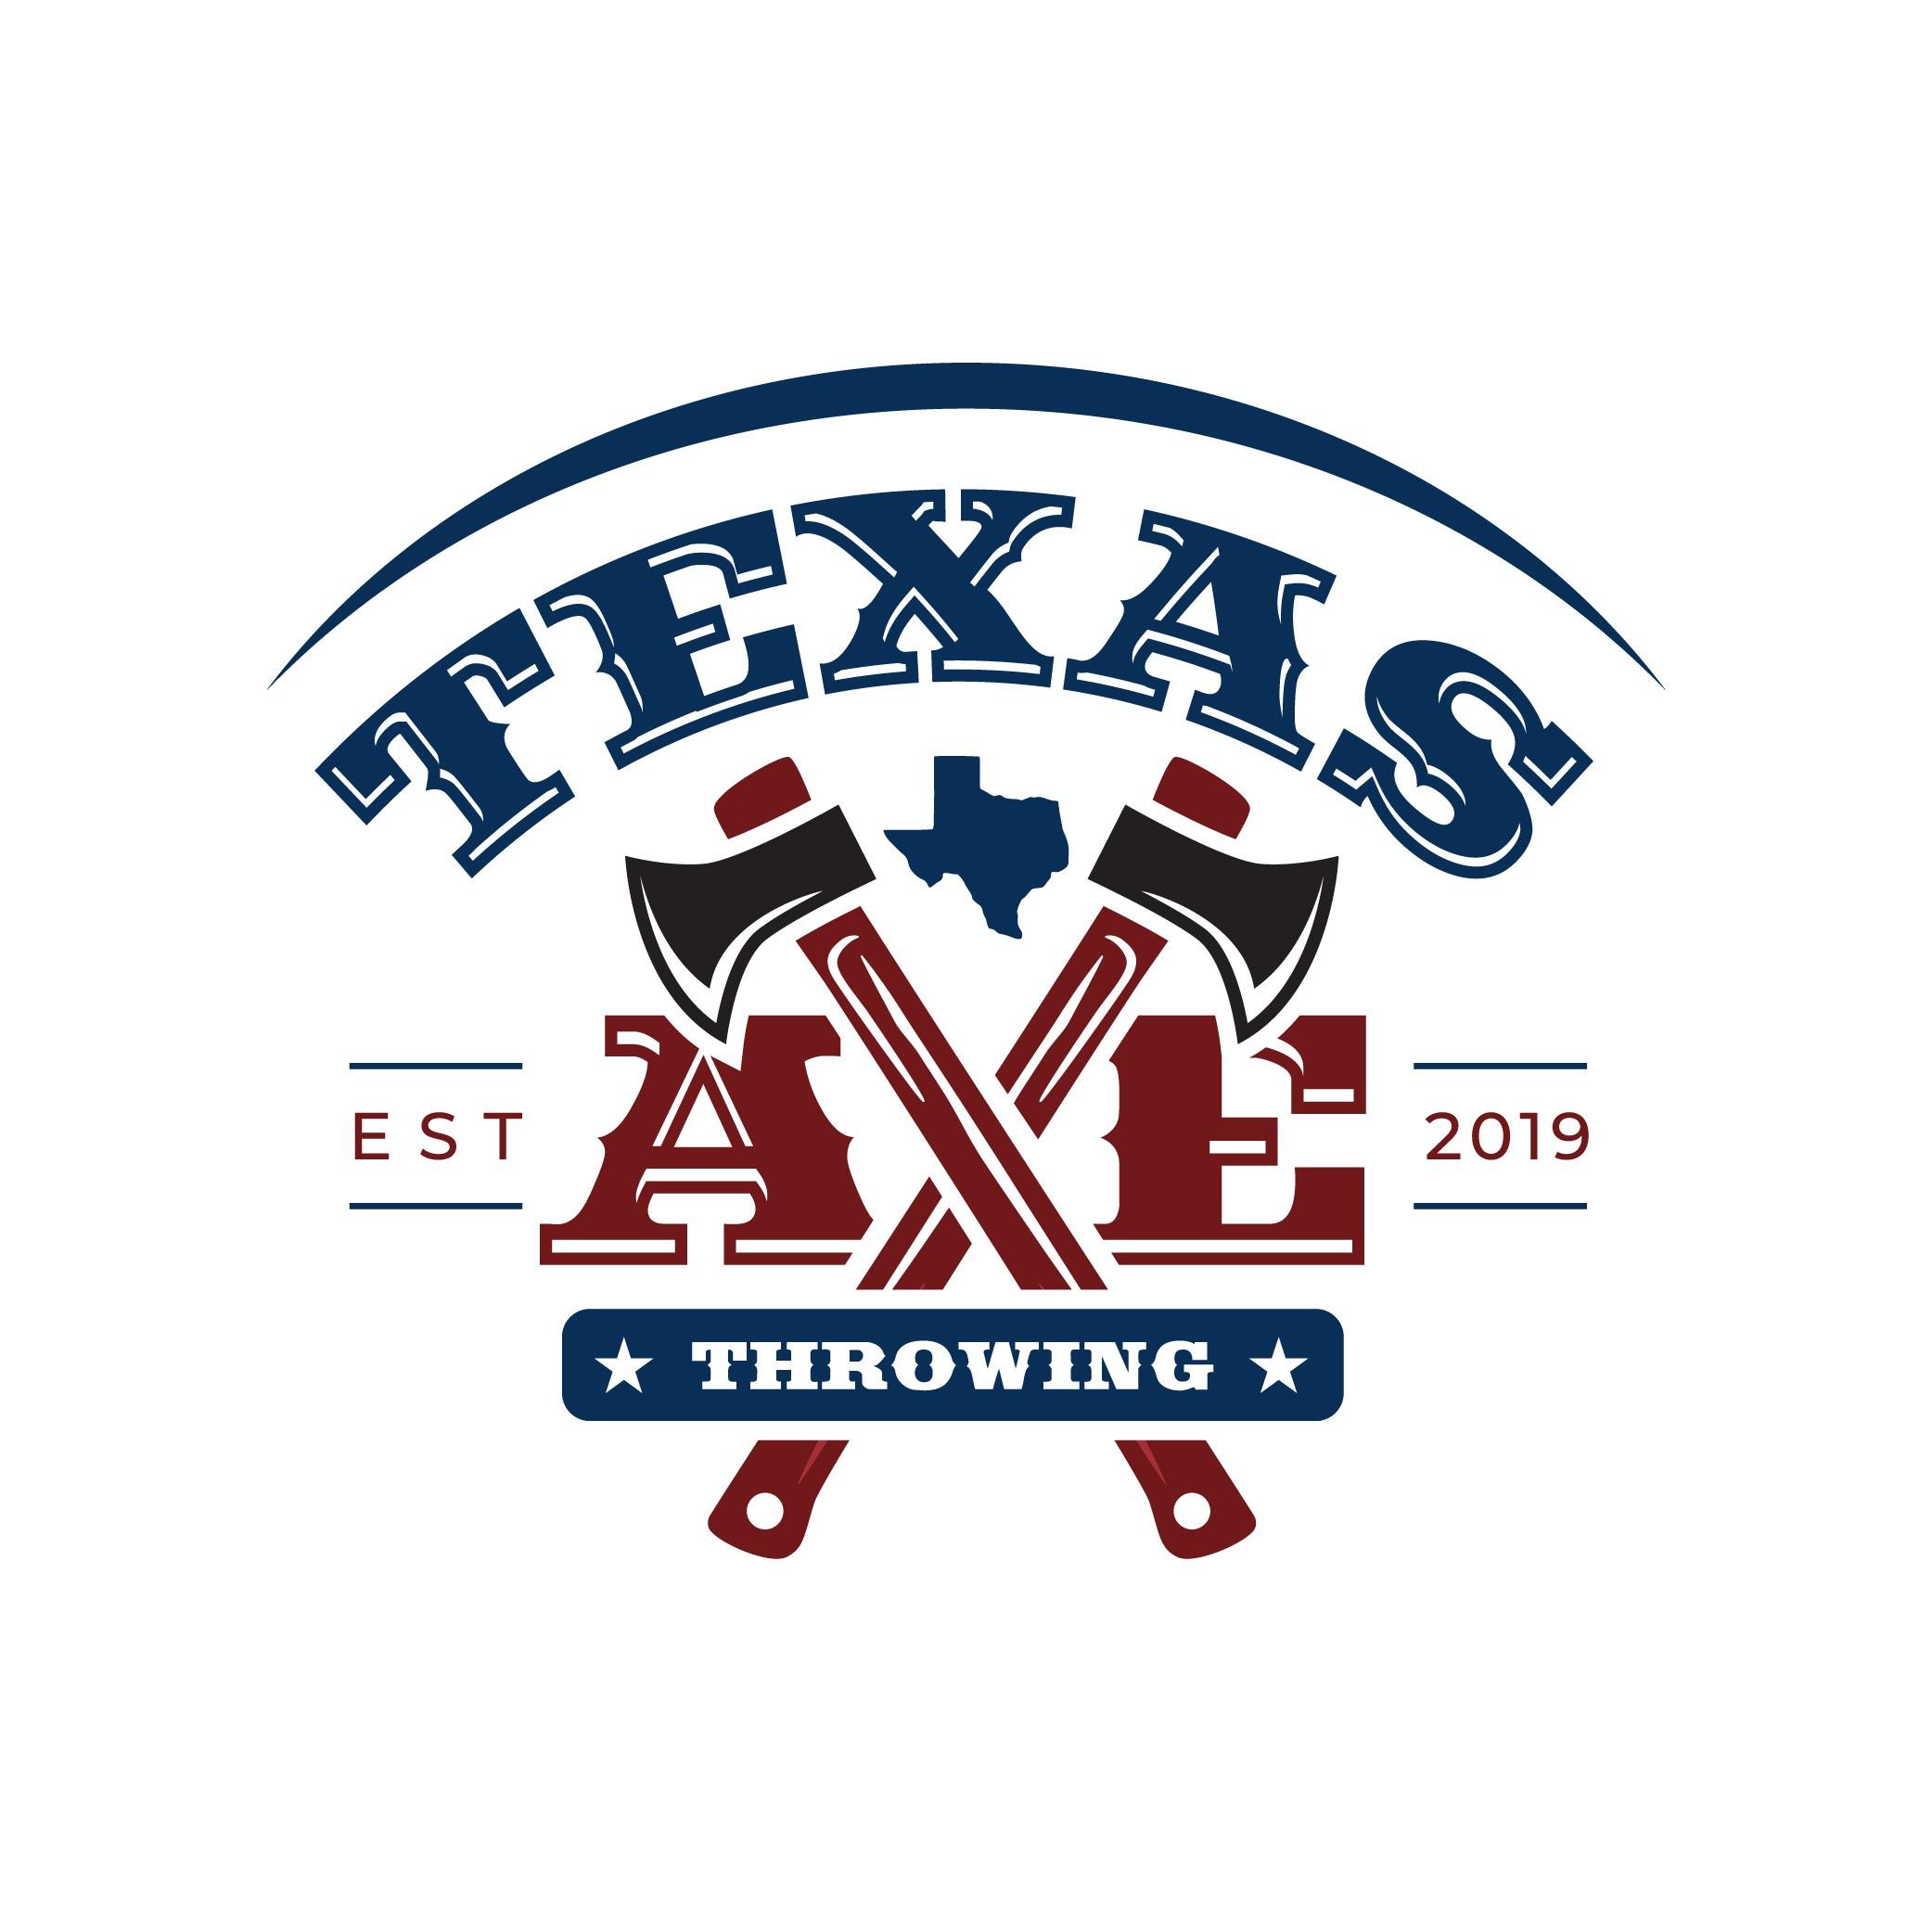 Texas Axe Throwing - Are YOU an Ax-pert logo designer?!